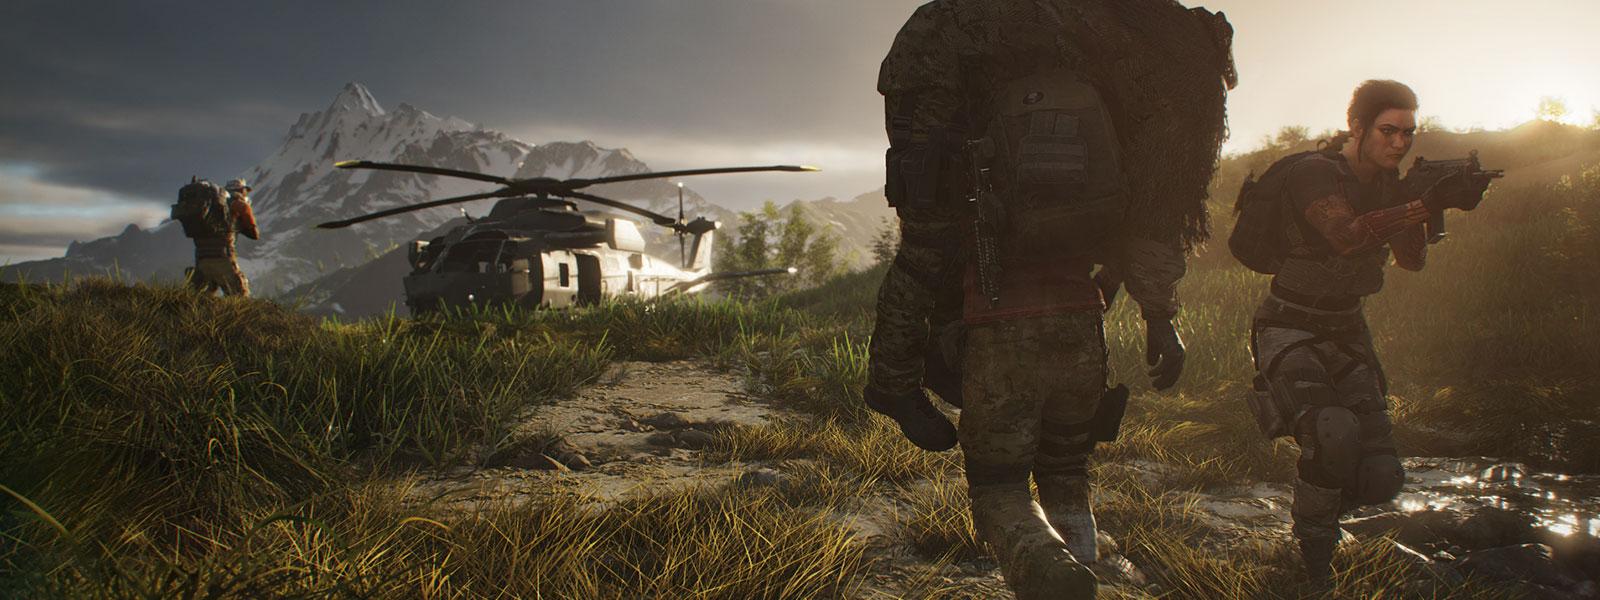 Hahmo kantaa toista henkilöä harteillaan helikopteriin kahden hahmon pitäessä vartiota